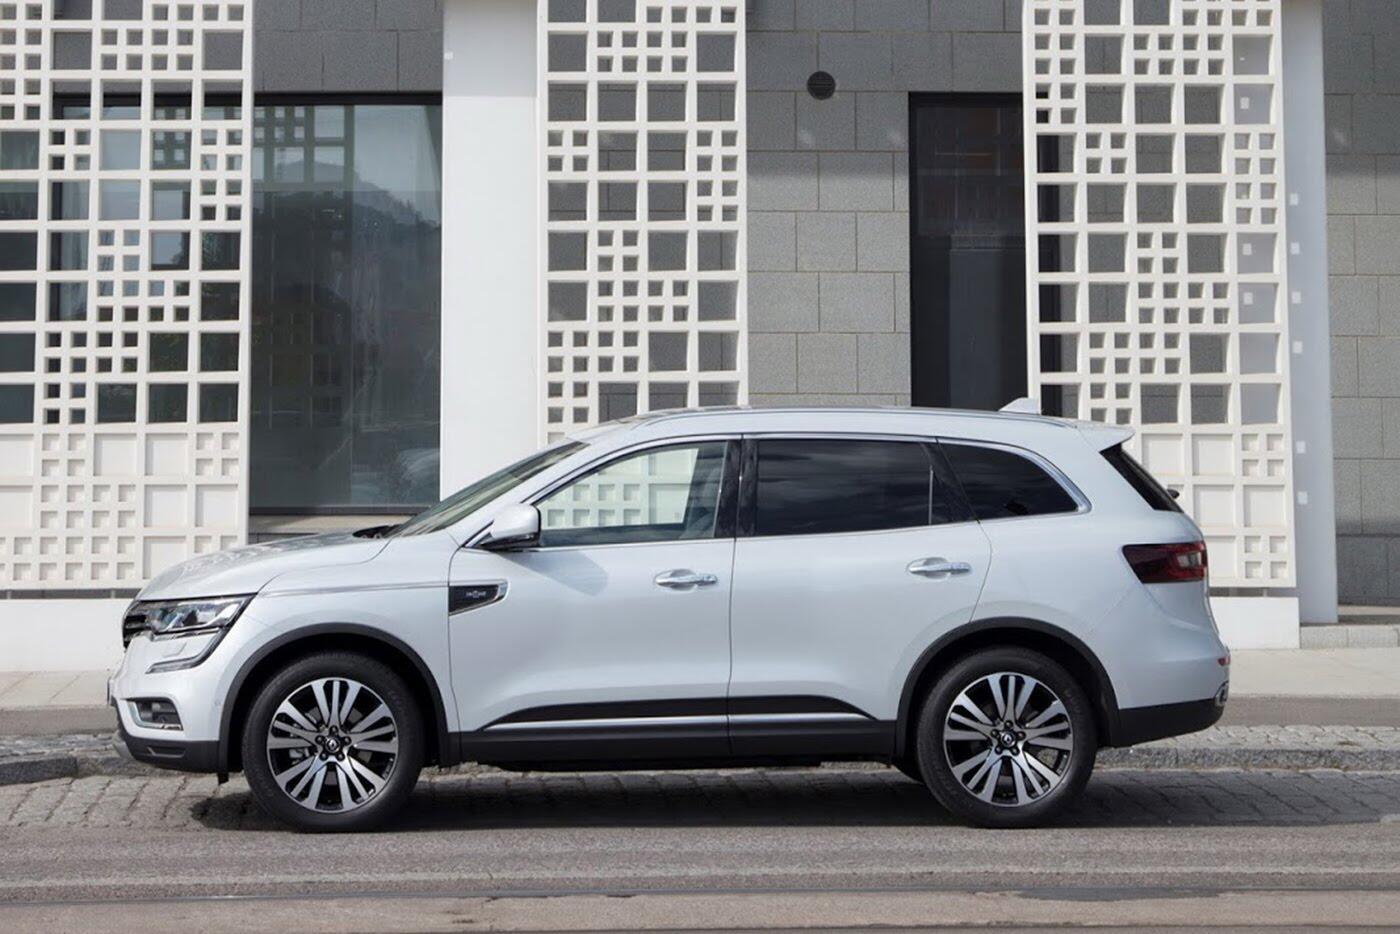 Xem thêm ảnh Renault Koleos 2017 - Hình 2